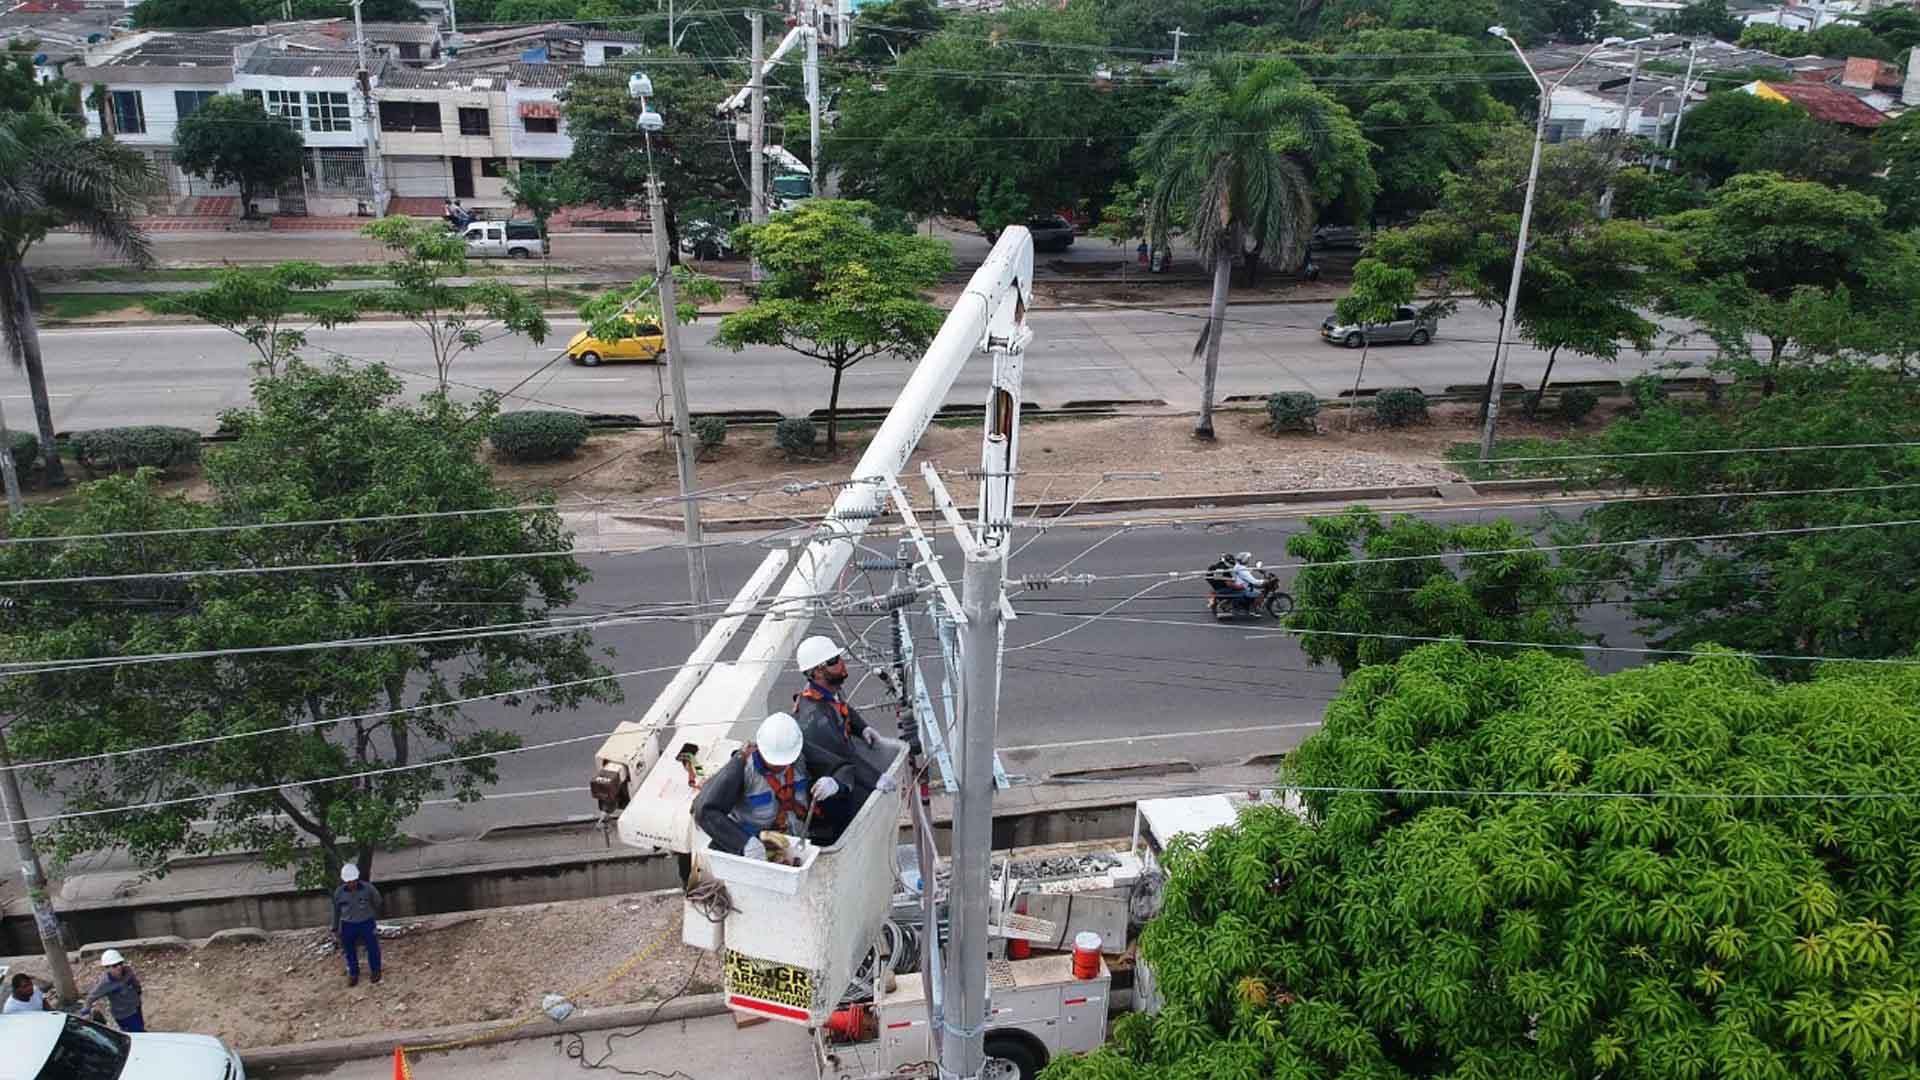 Cerca de 20 sectores en Soledad y Barranquilla estarán sin luz este martes - El Heraldo (Colombia)